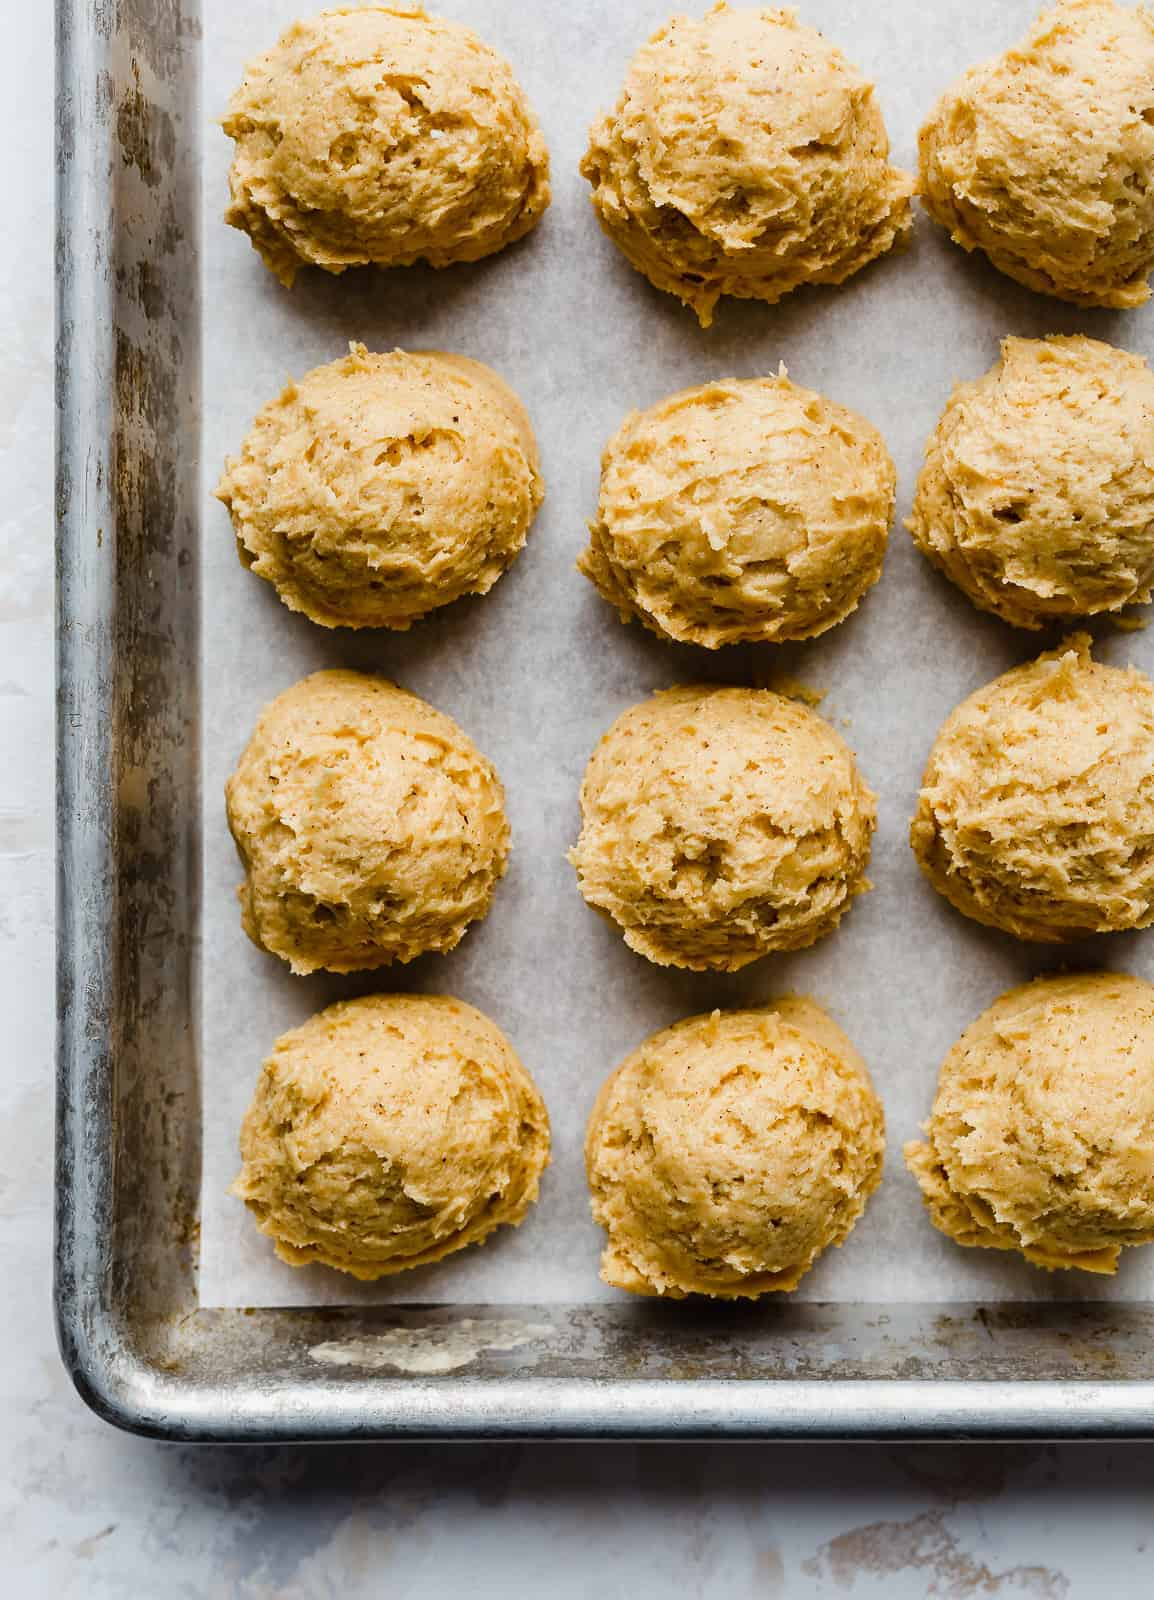 pumpkin dough balls on a baking sheet.